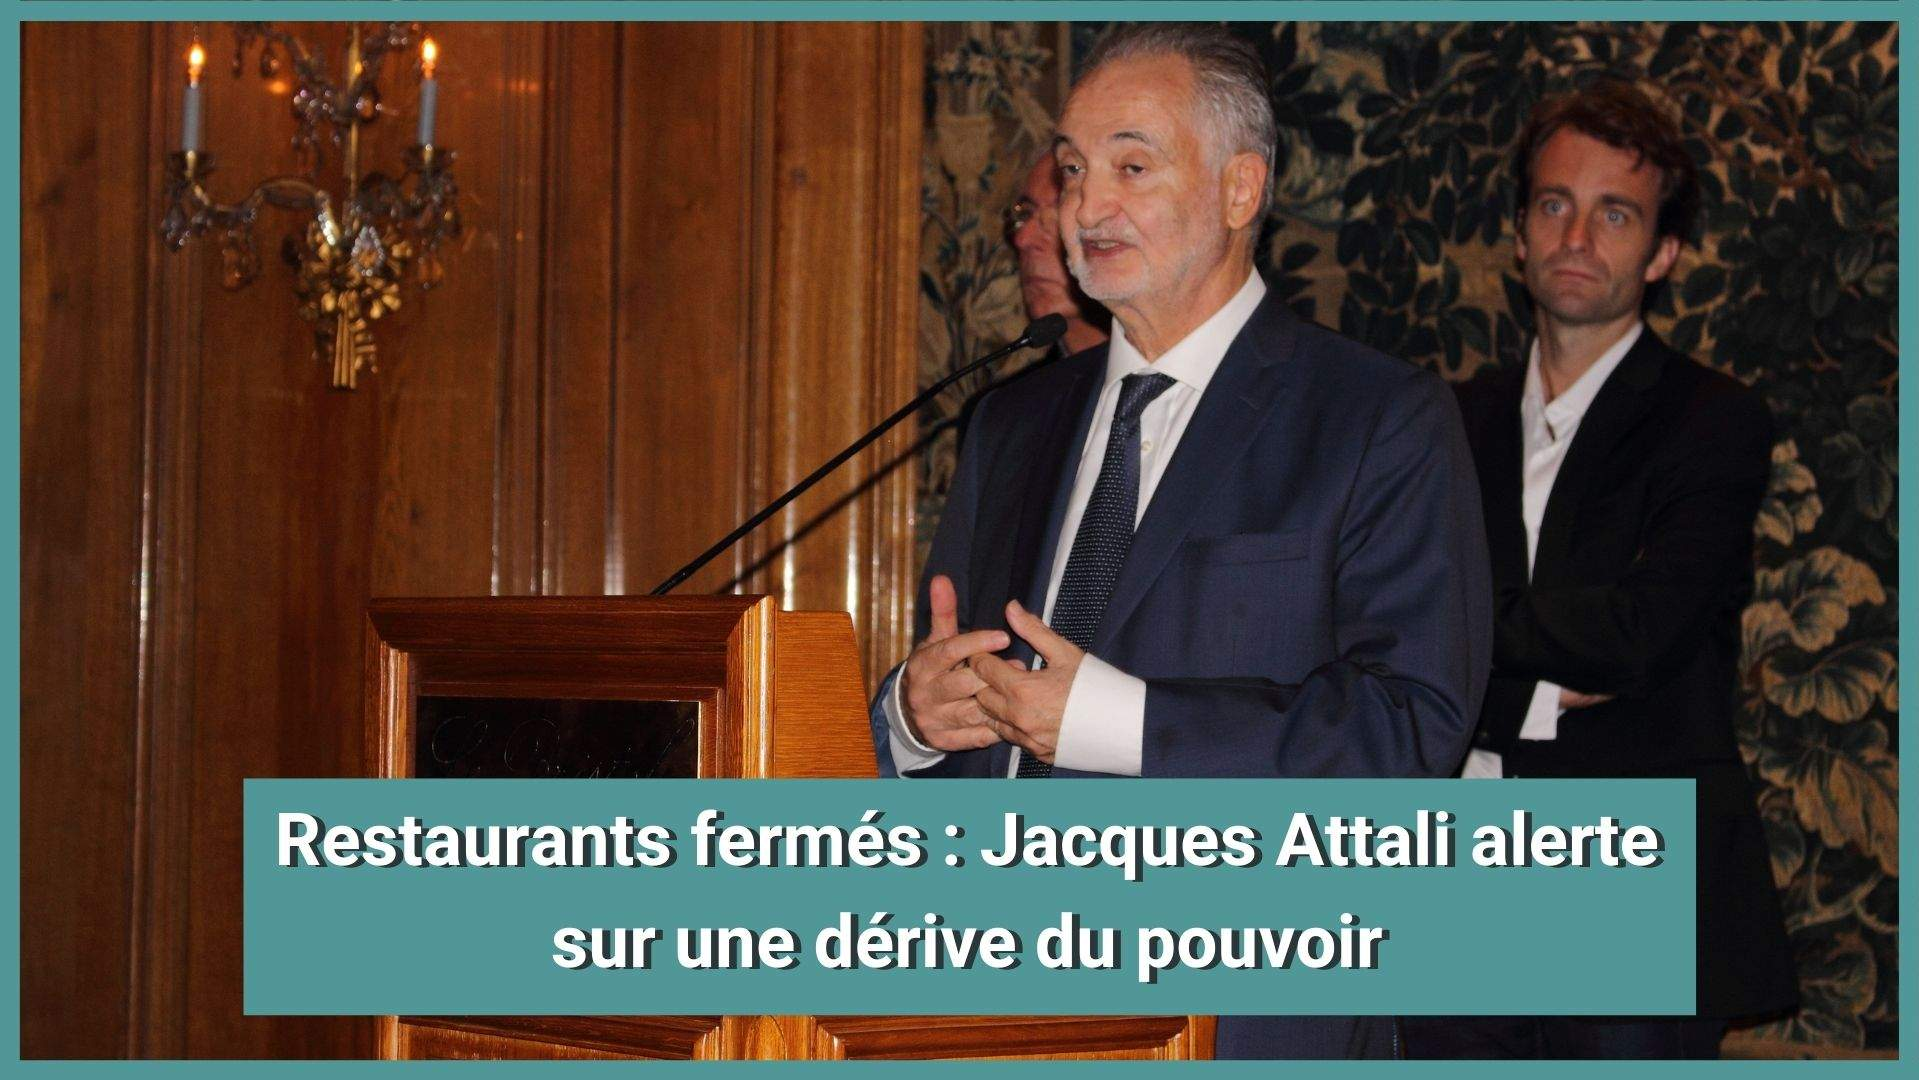 Restaurants fermés : Jacques Attali alerte sur une dérive du pouvoir pour empêcher les contestations «comment justifier qu'ils soient fermés quand les métros roulent ? »